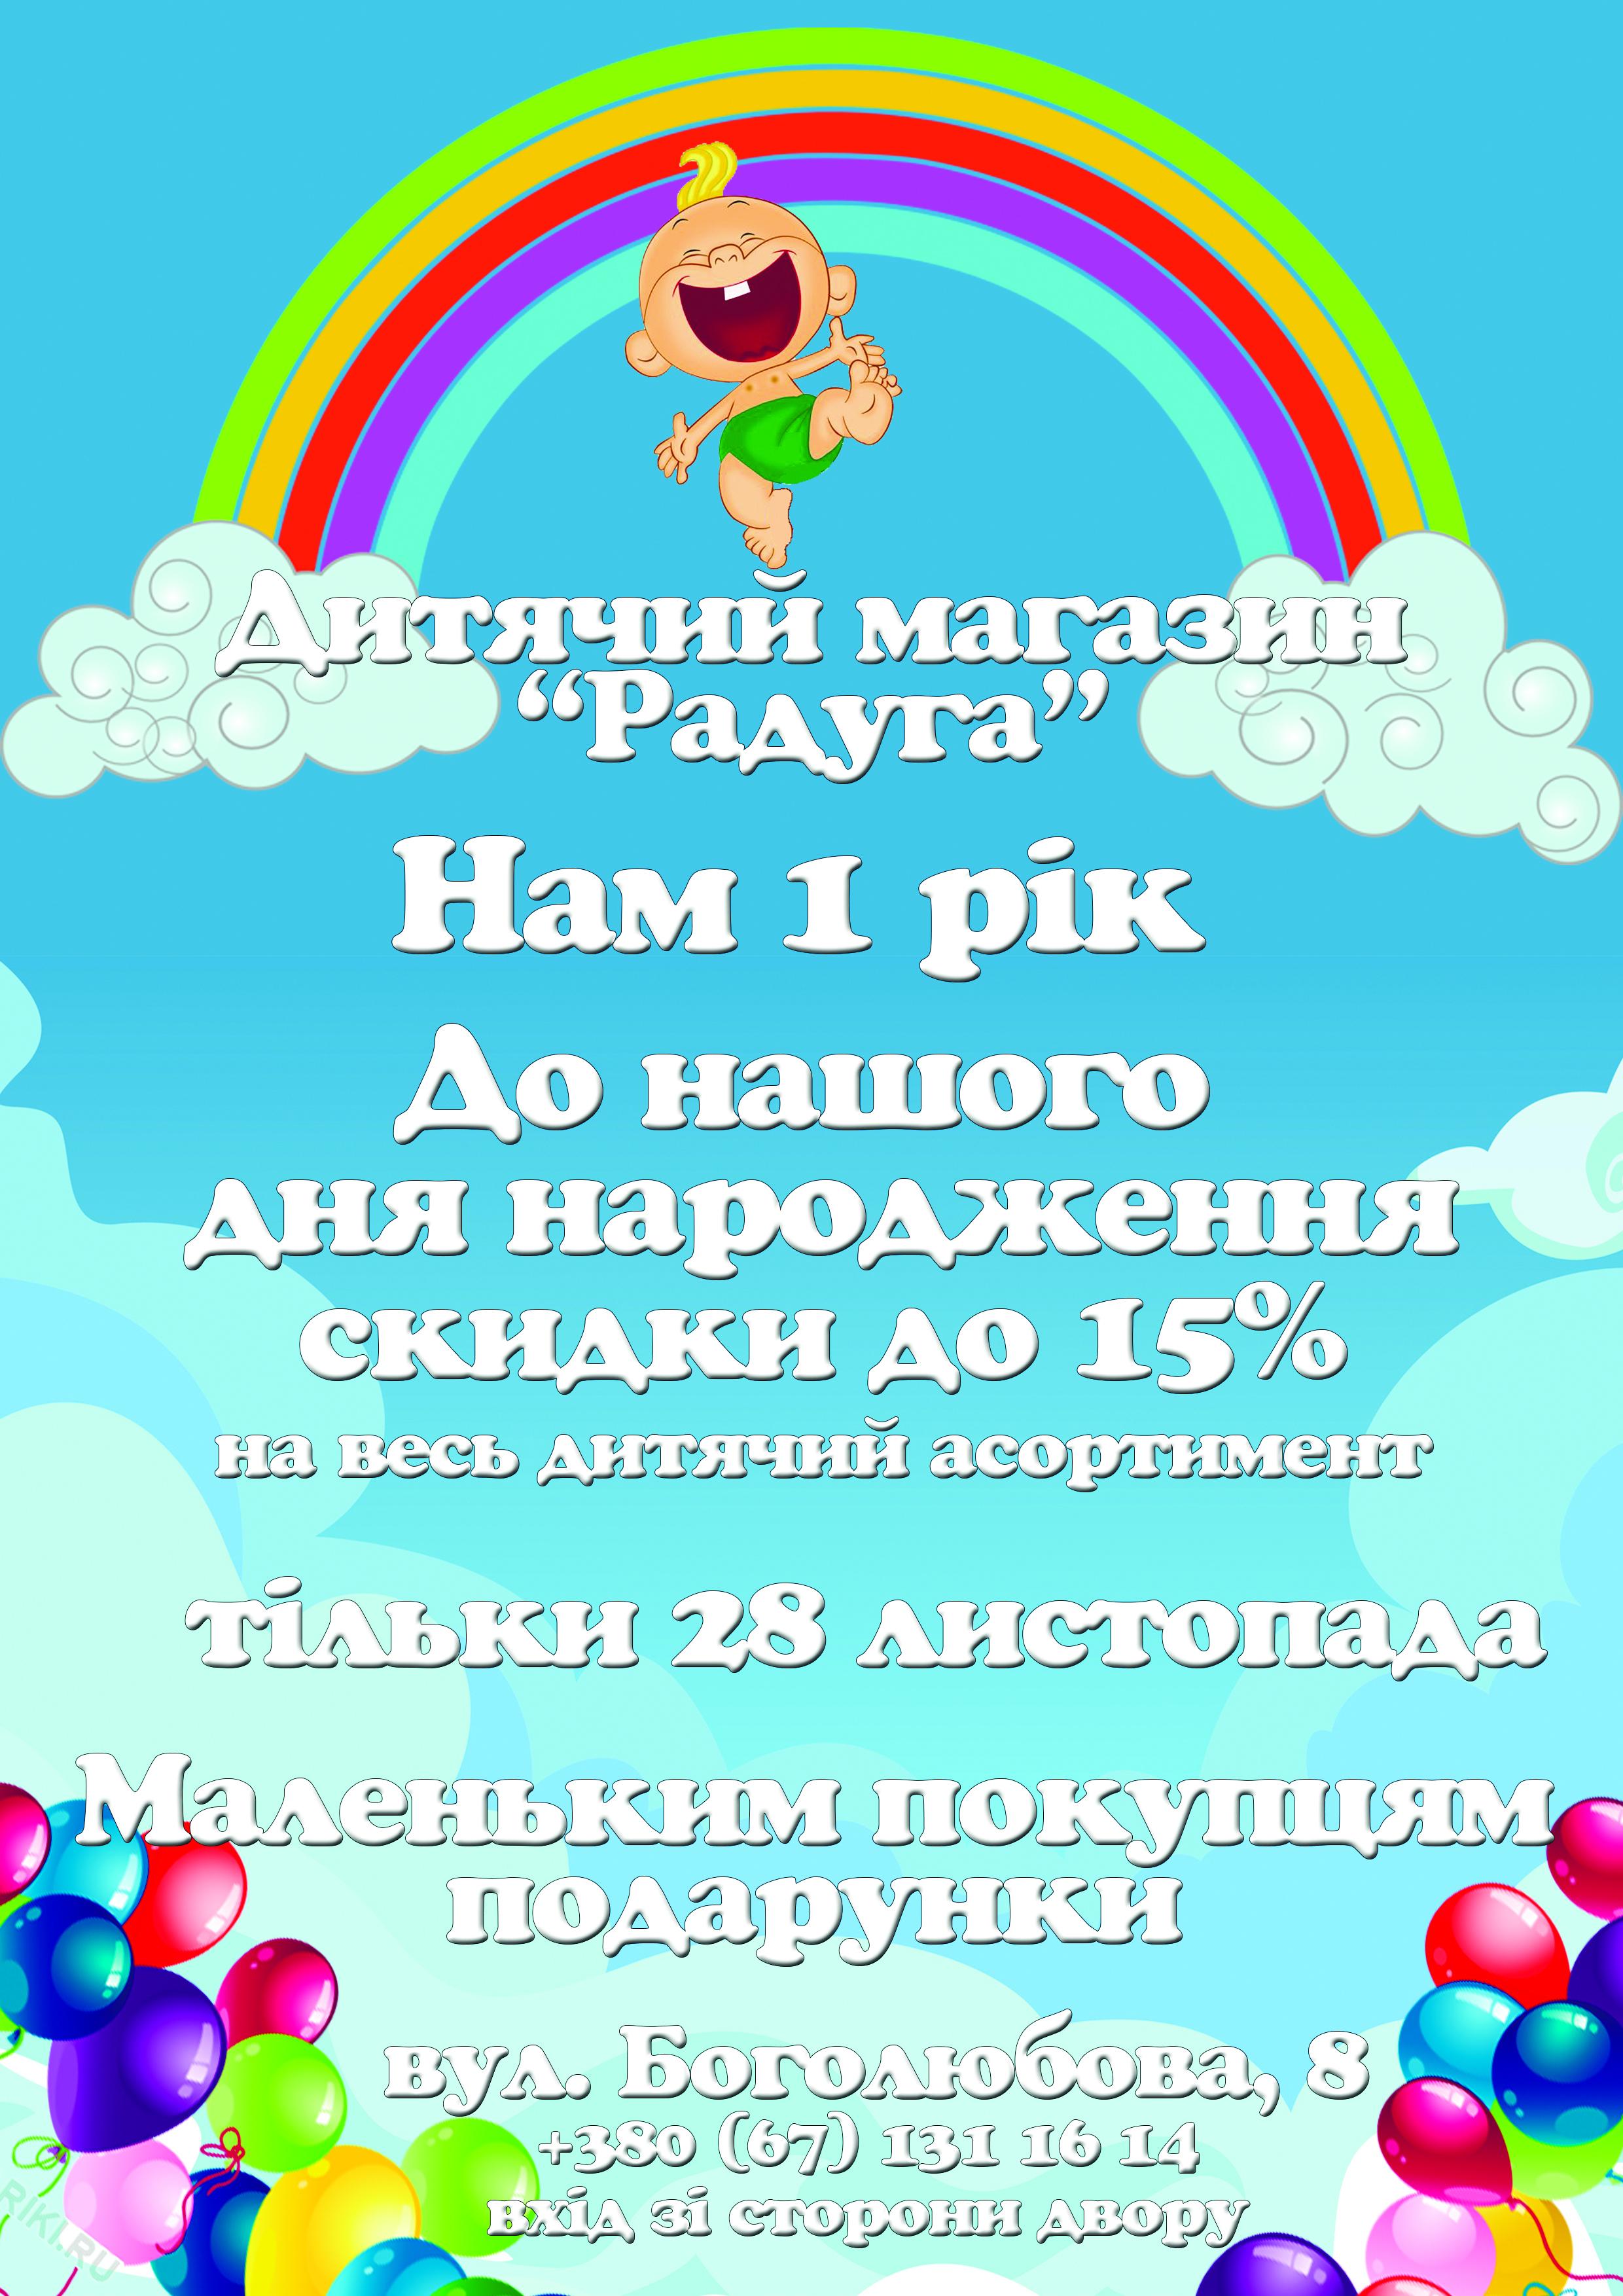 Фото Объявление для детского магазина